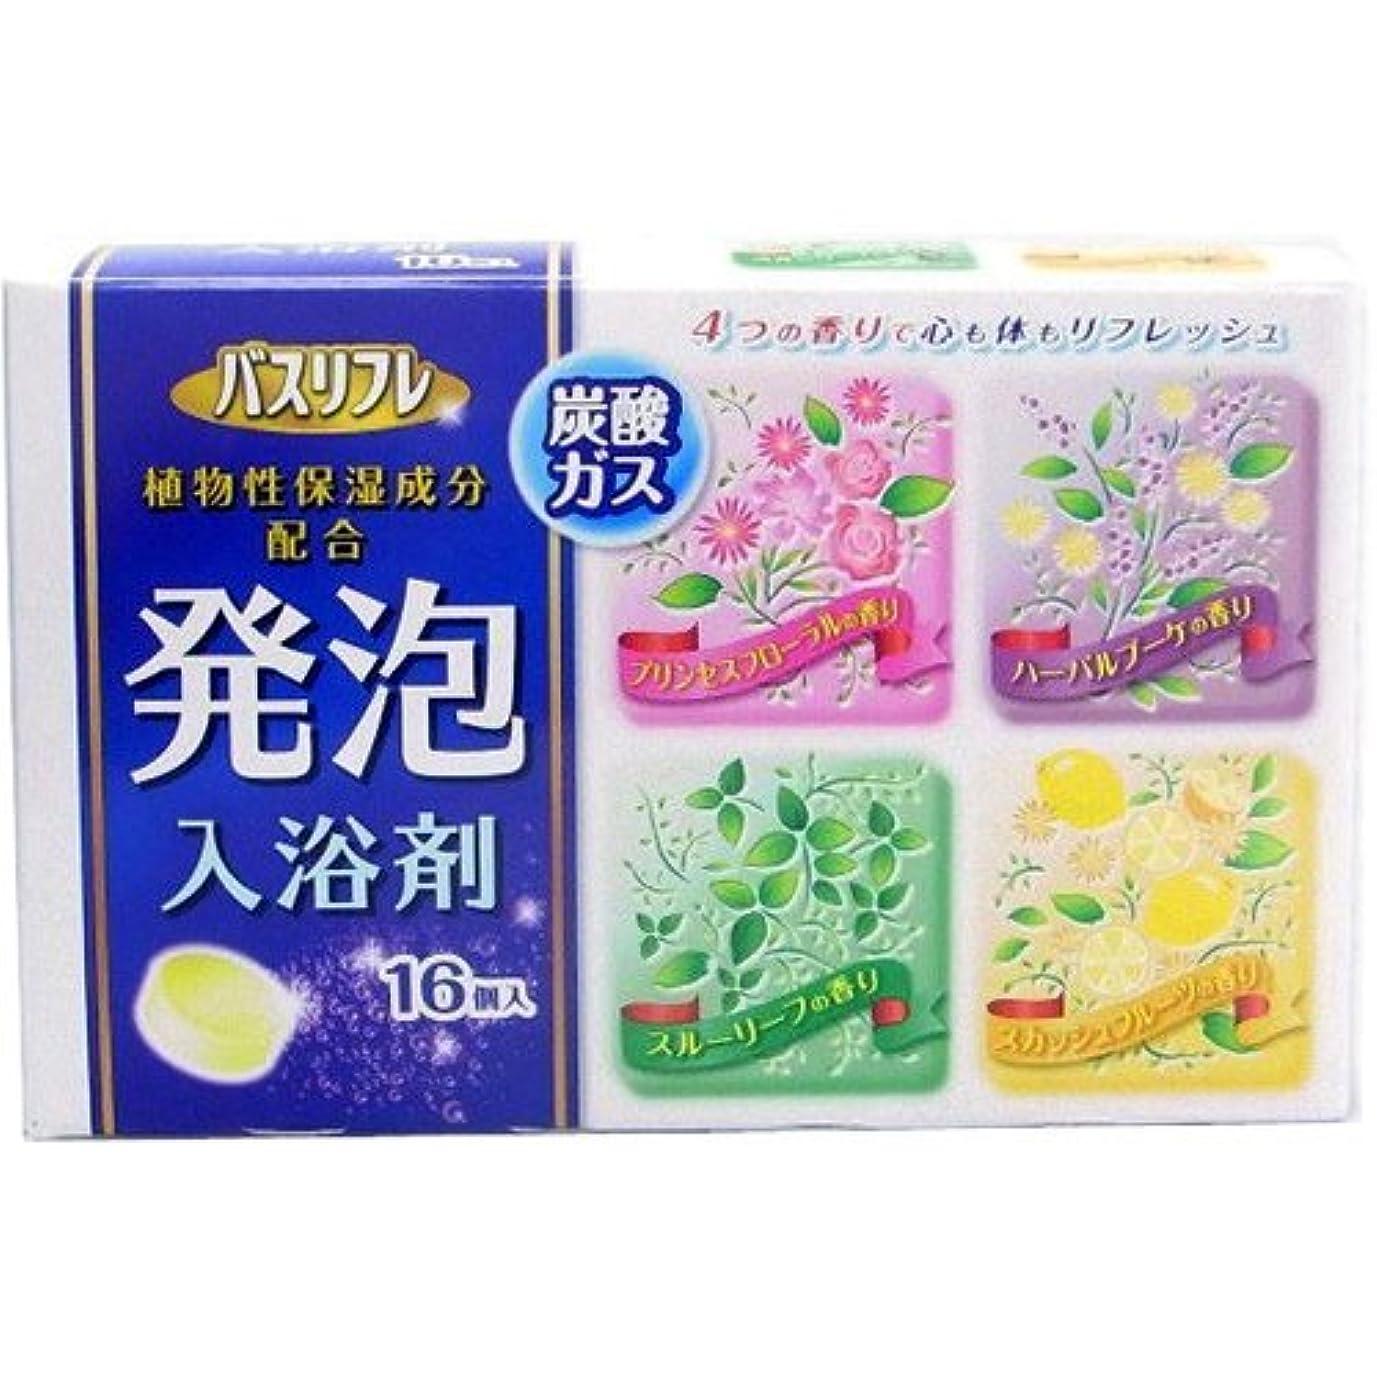 サイクロプス衣服ミルクバスリフレ 薬用発泡入浴剤 16錠 [医薬部外品] Japan